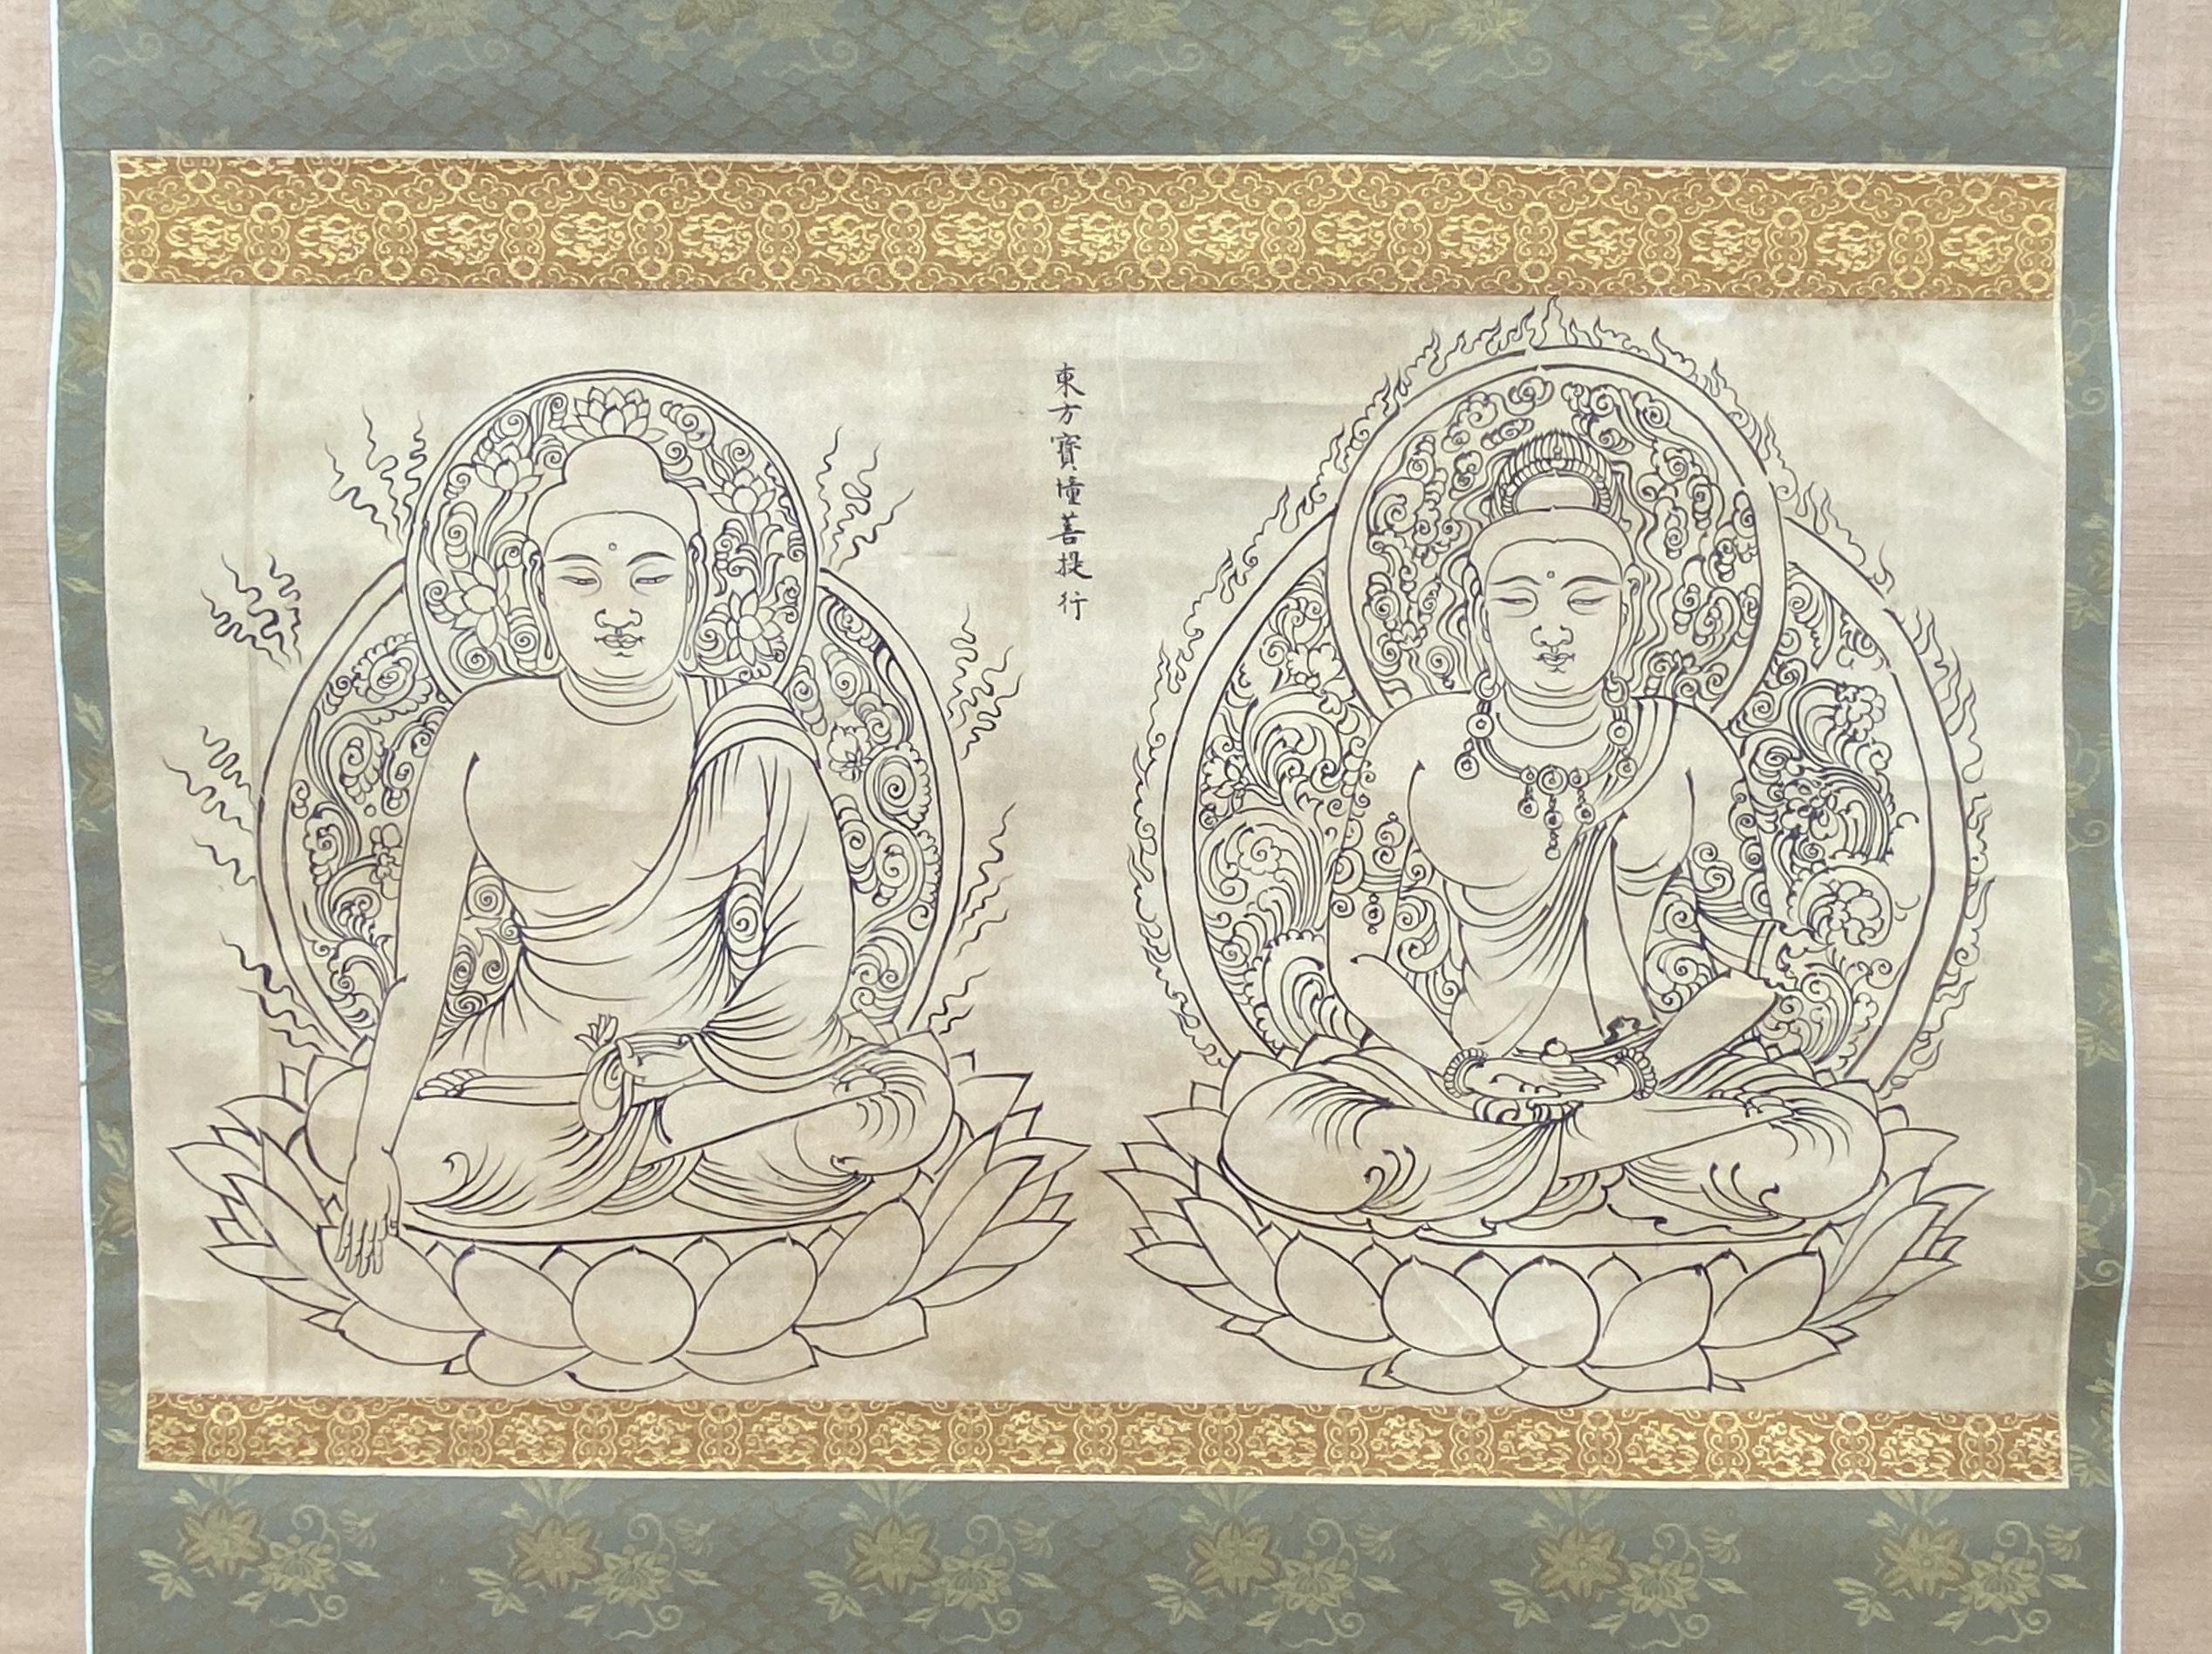 20670「東方寶憧菩提灯」佛画 軸29.5×50.5cm